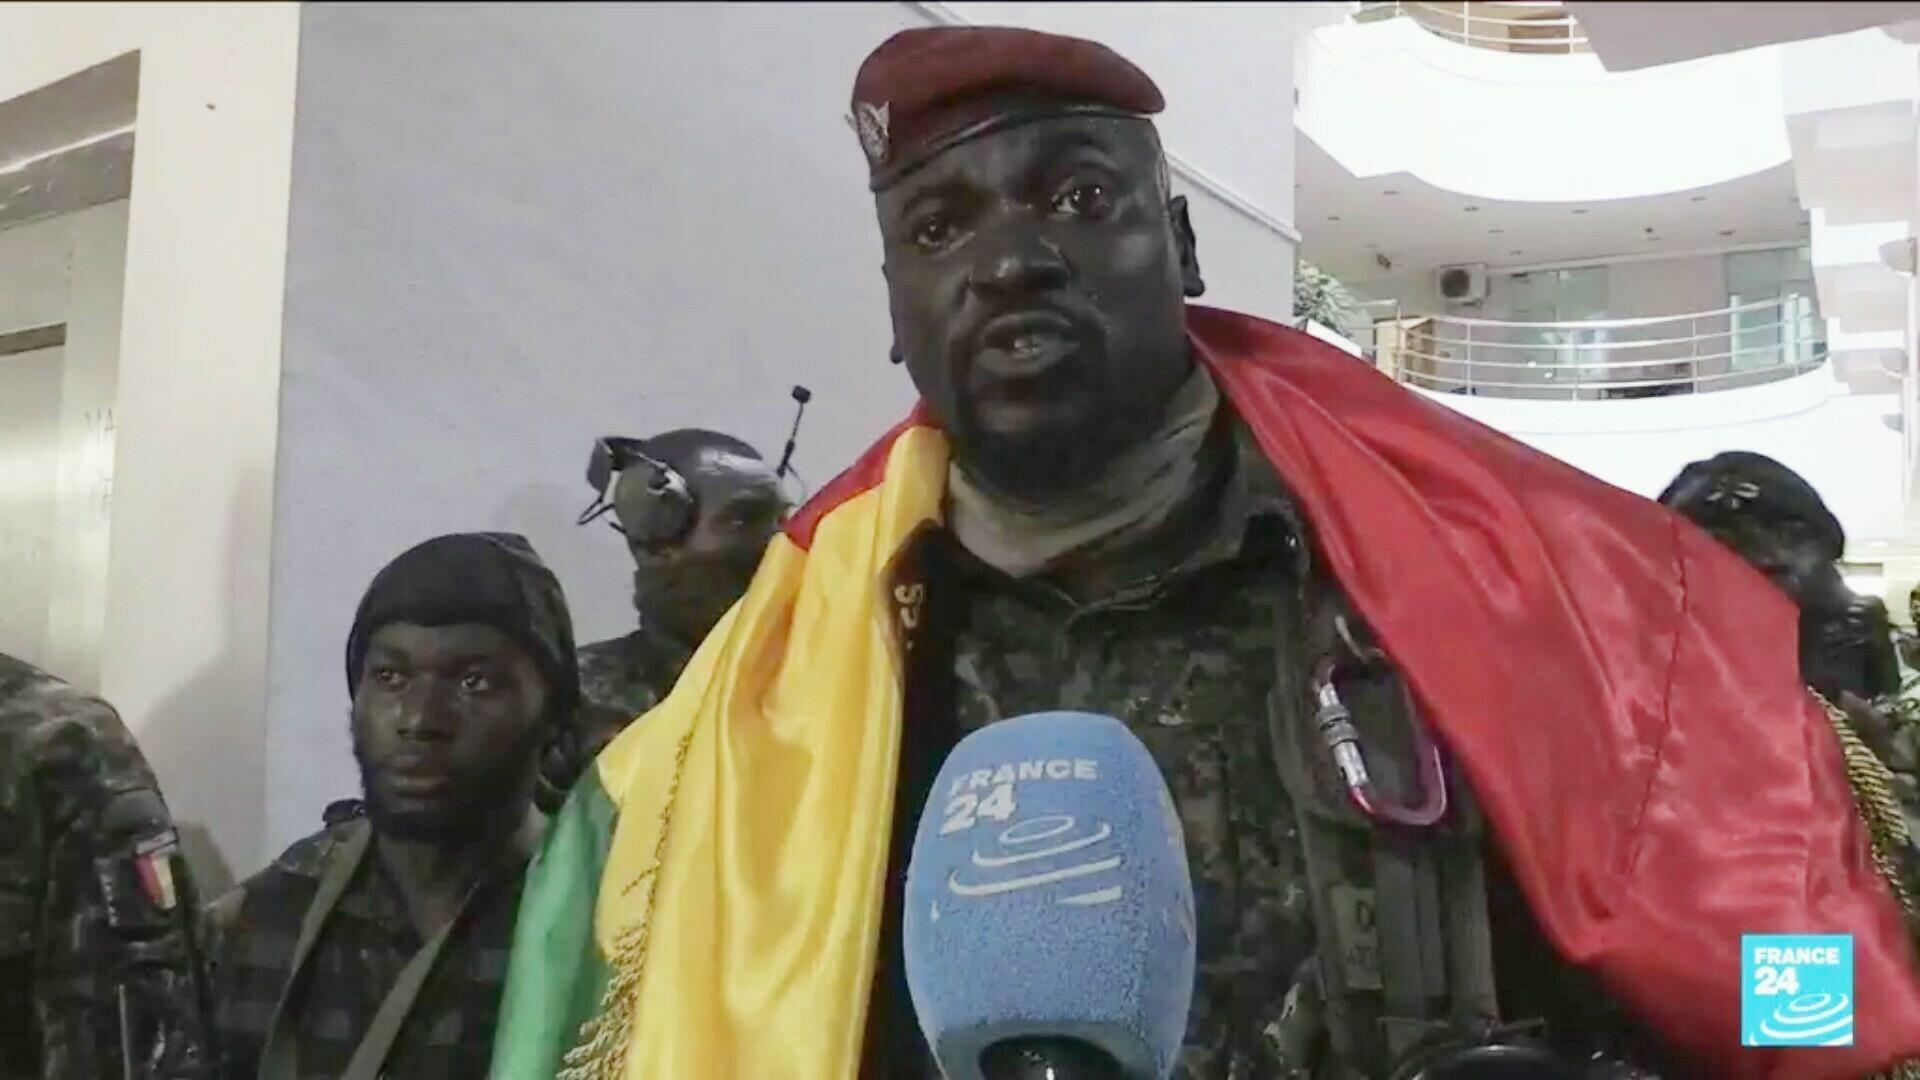 Contact: Le Colonel Doumbouya a appelé Macky Sall, invité à ne pas reconnaître ce régime